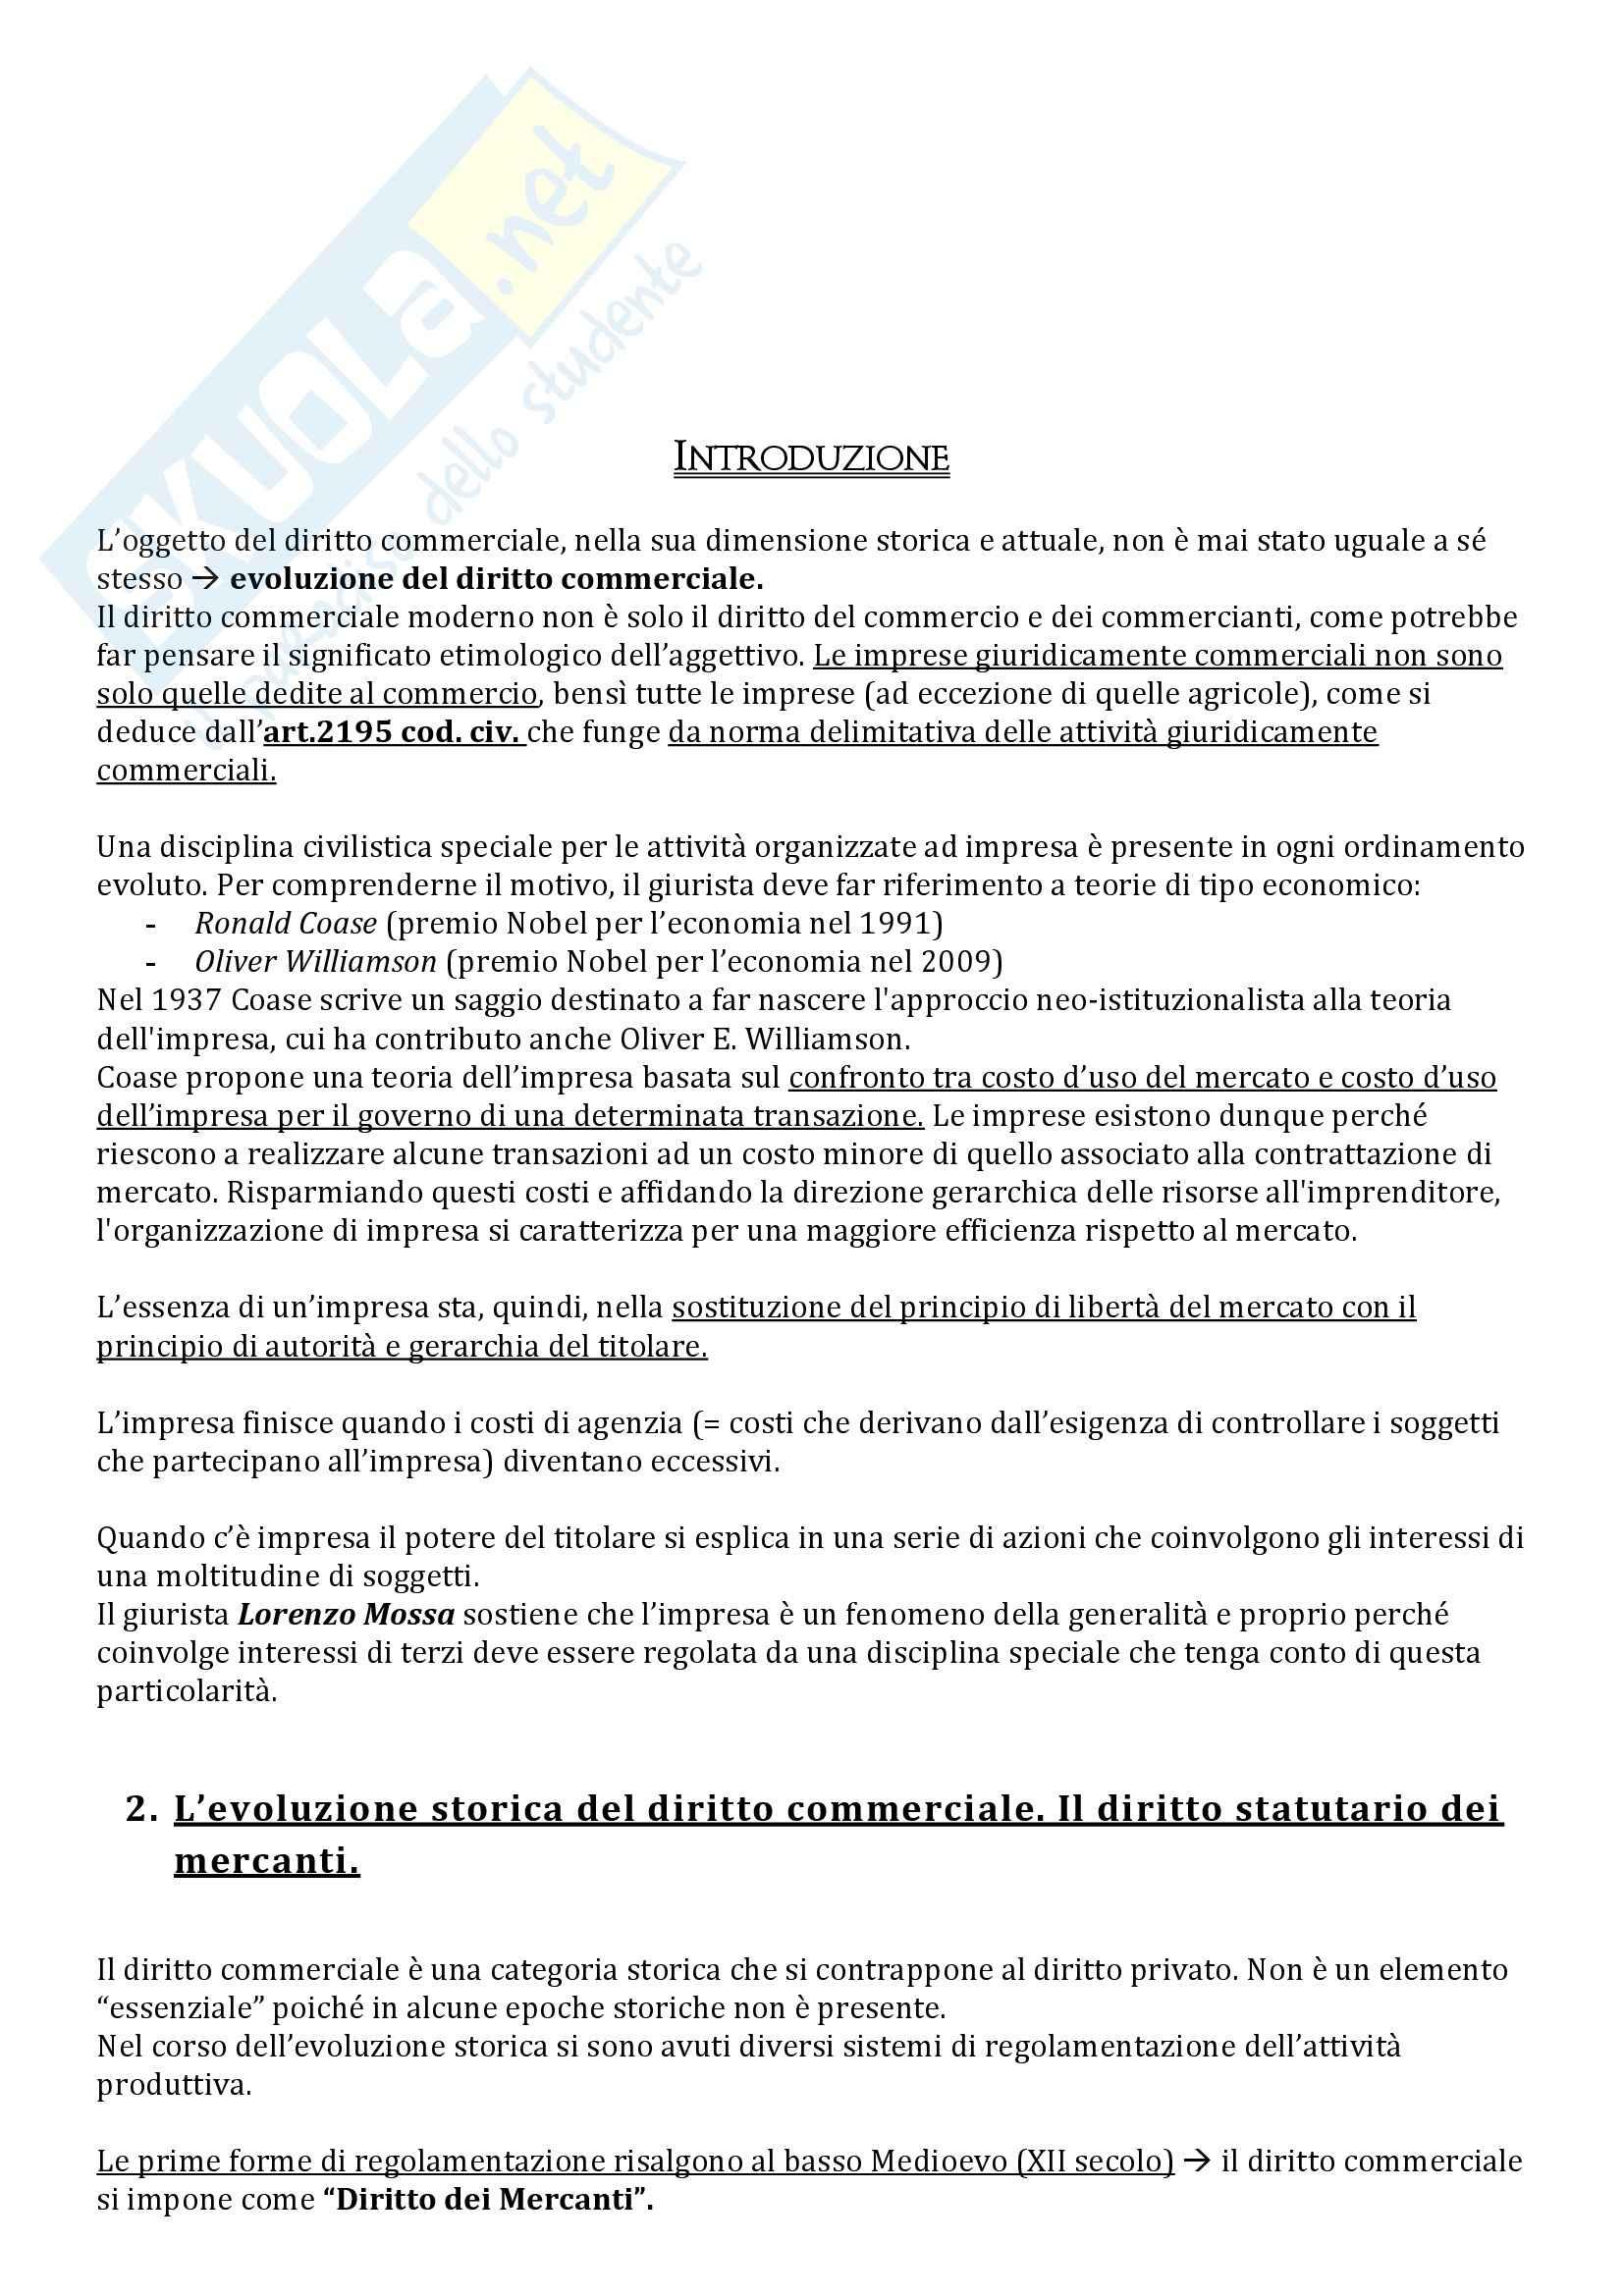 Riassunto esame Diritto Commerciale, prof. Pinto, libro consigliato Diritto Commerciale: Diritto dell'Impresa di Campobasso